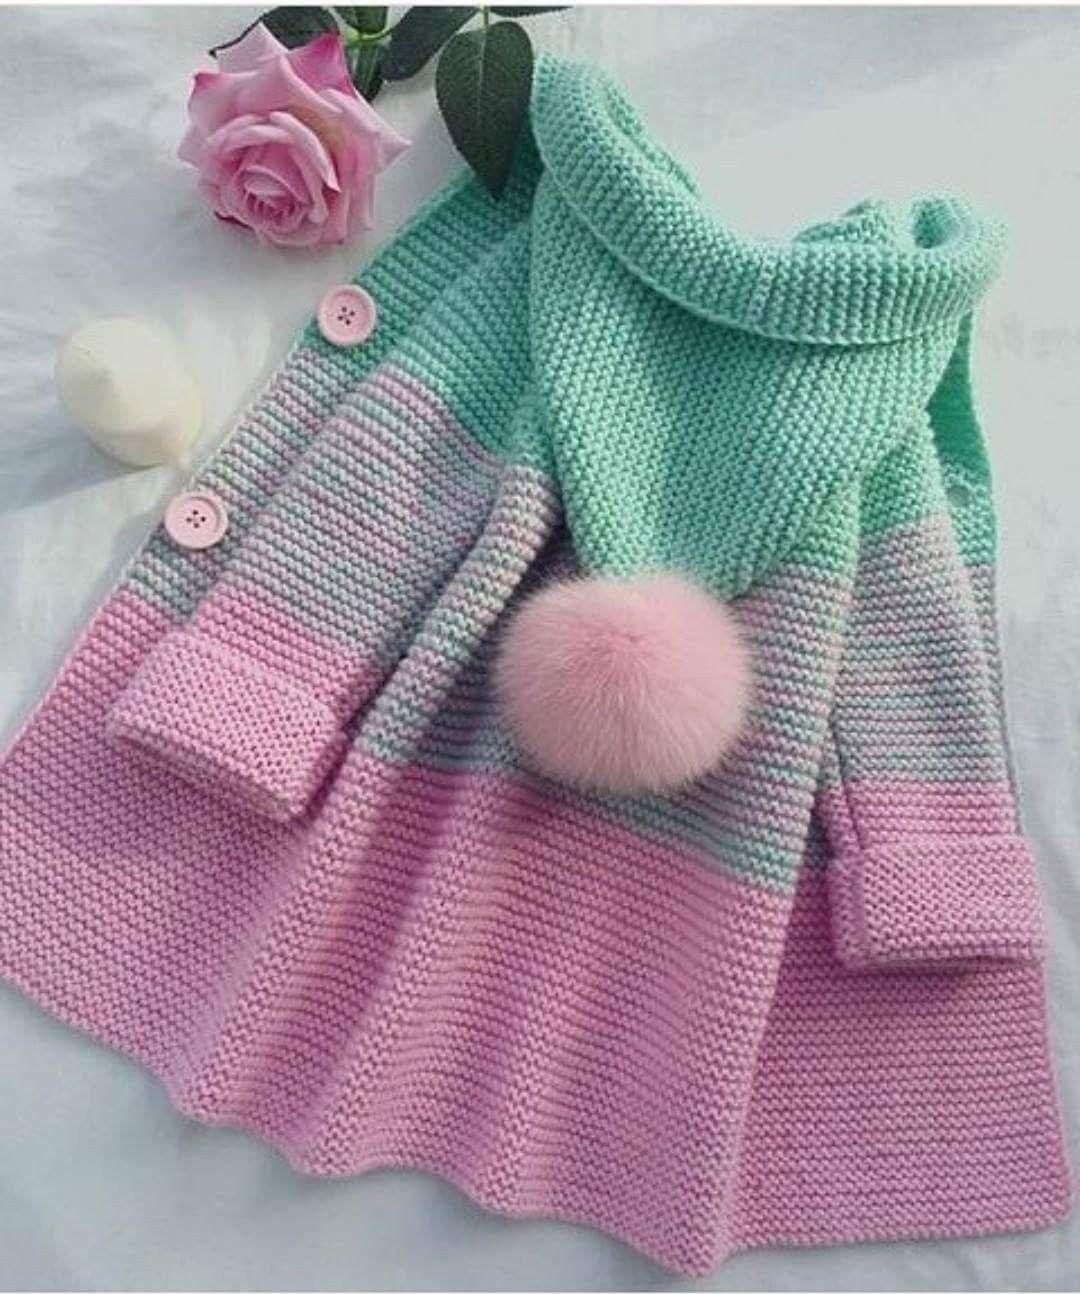 Tapado tricolor tejido para niñas. | tejidos | Pinterest | Tejidos ...